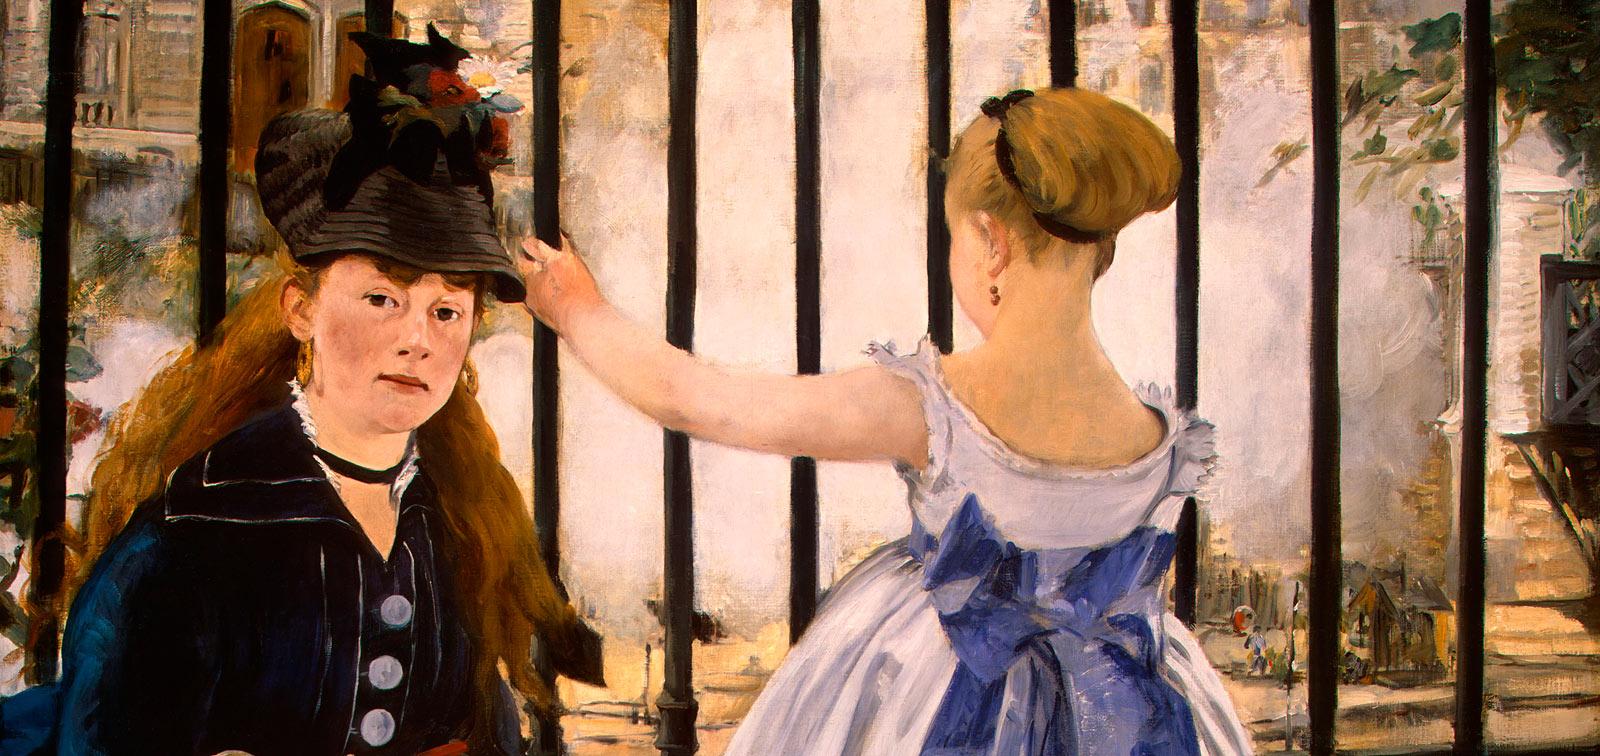 Manet in the Prado